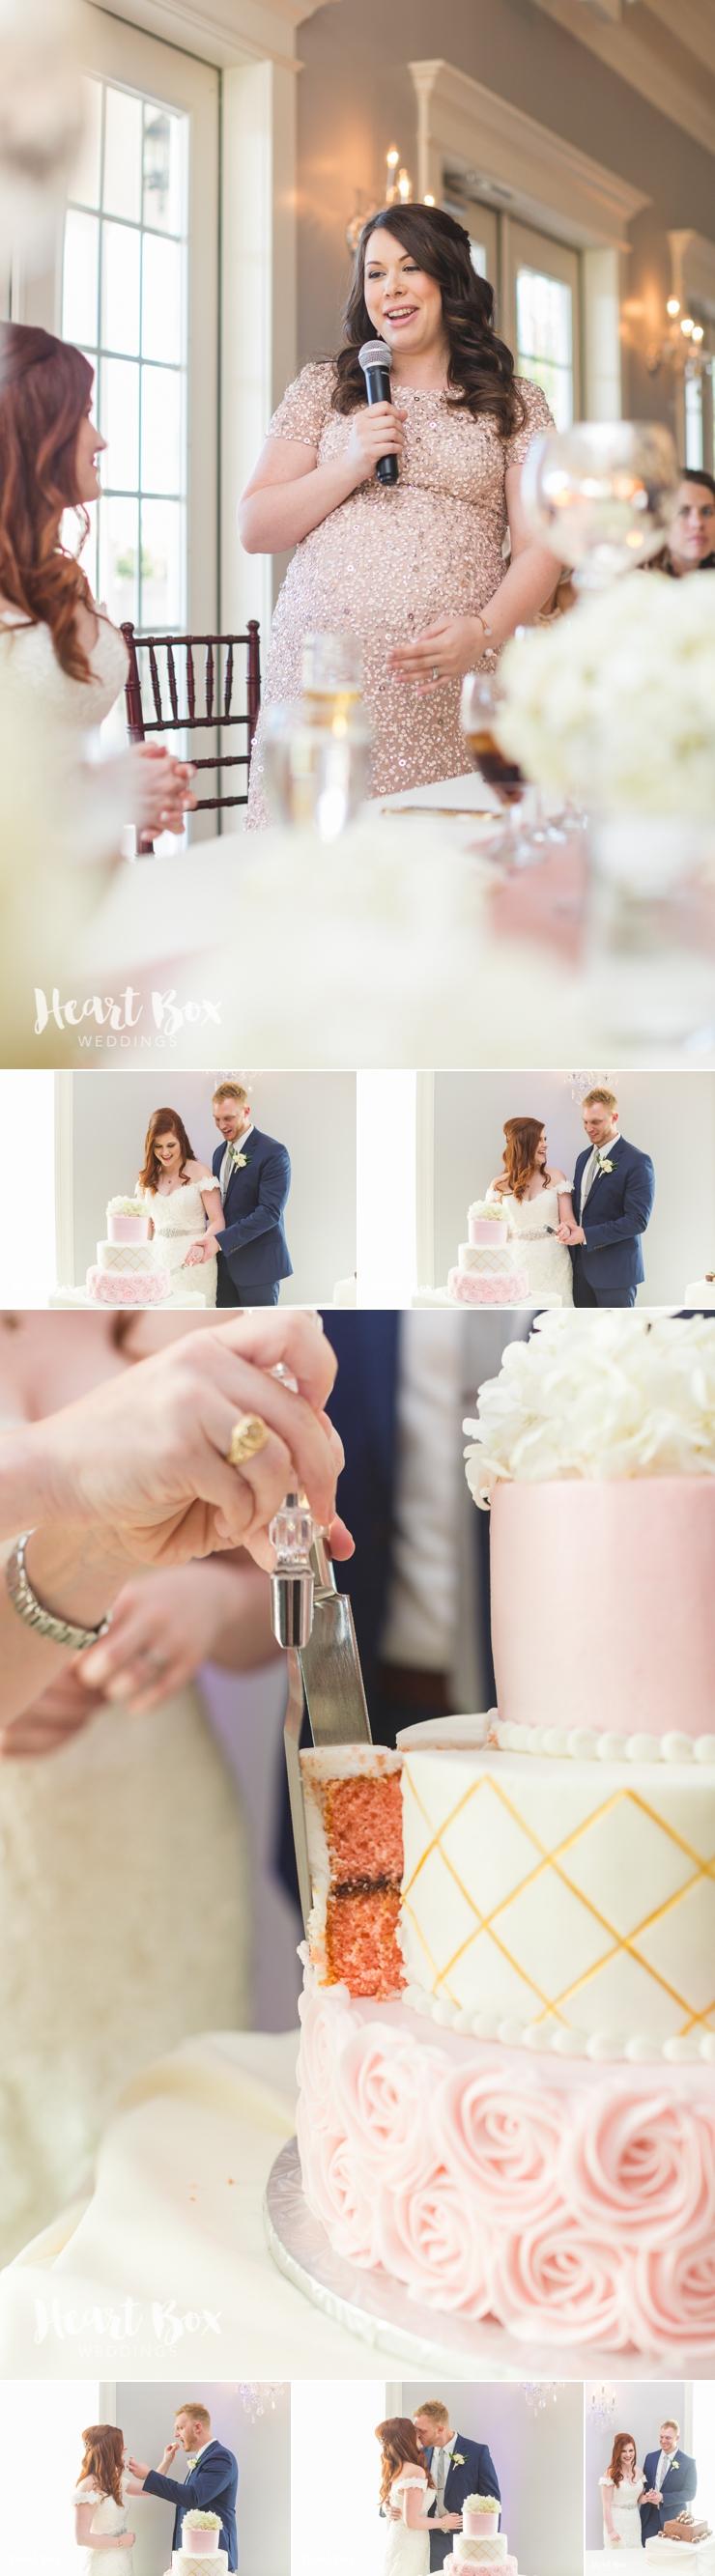 Muprhey Wedding Blog Collages 20.jpg